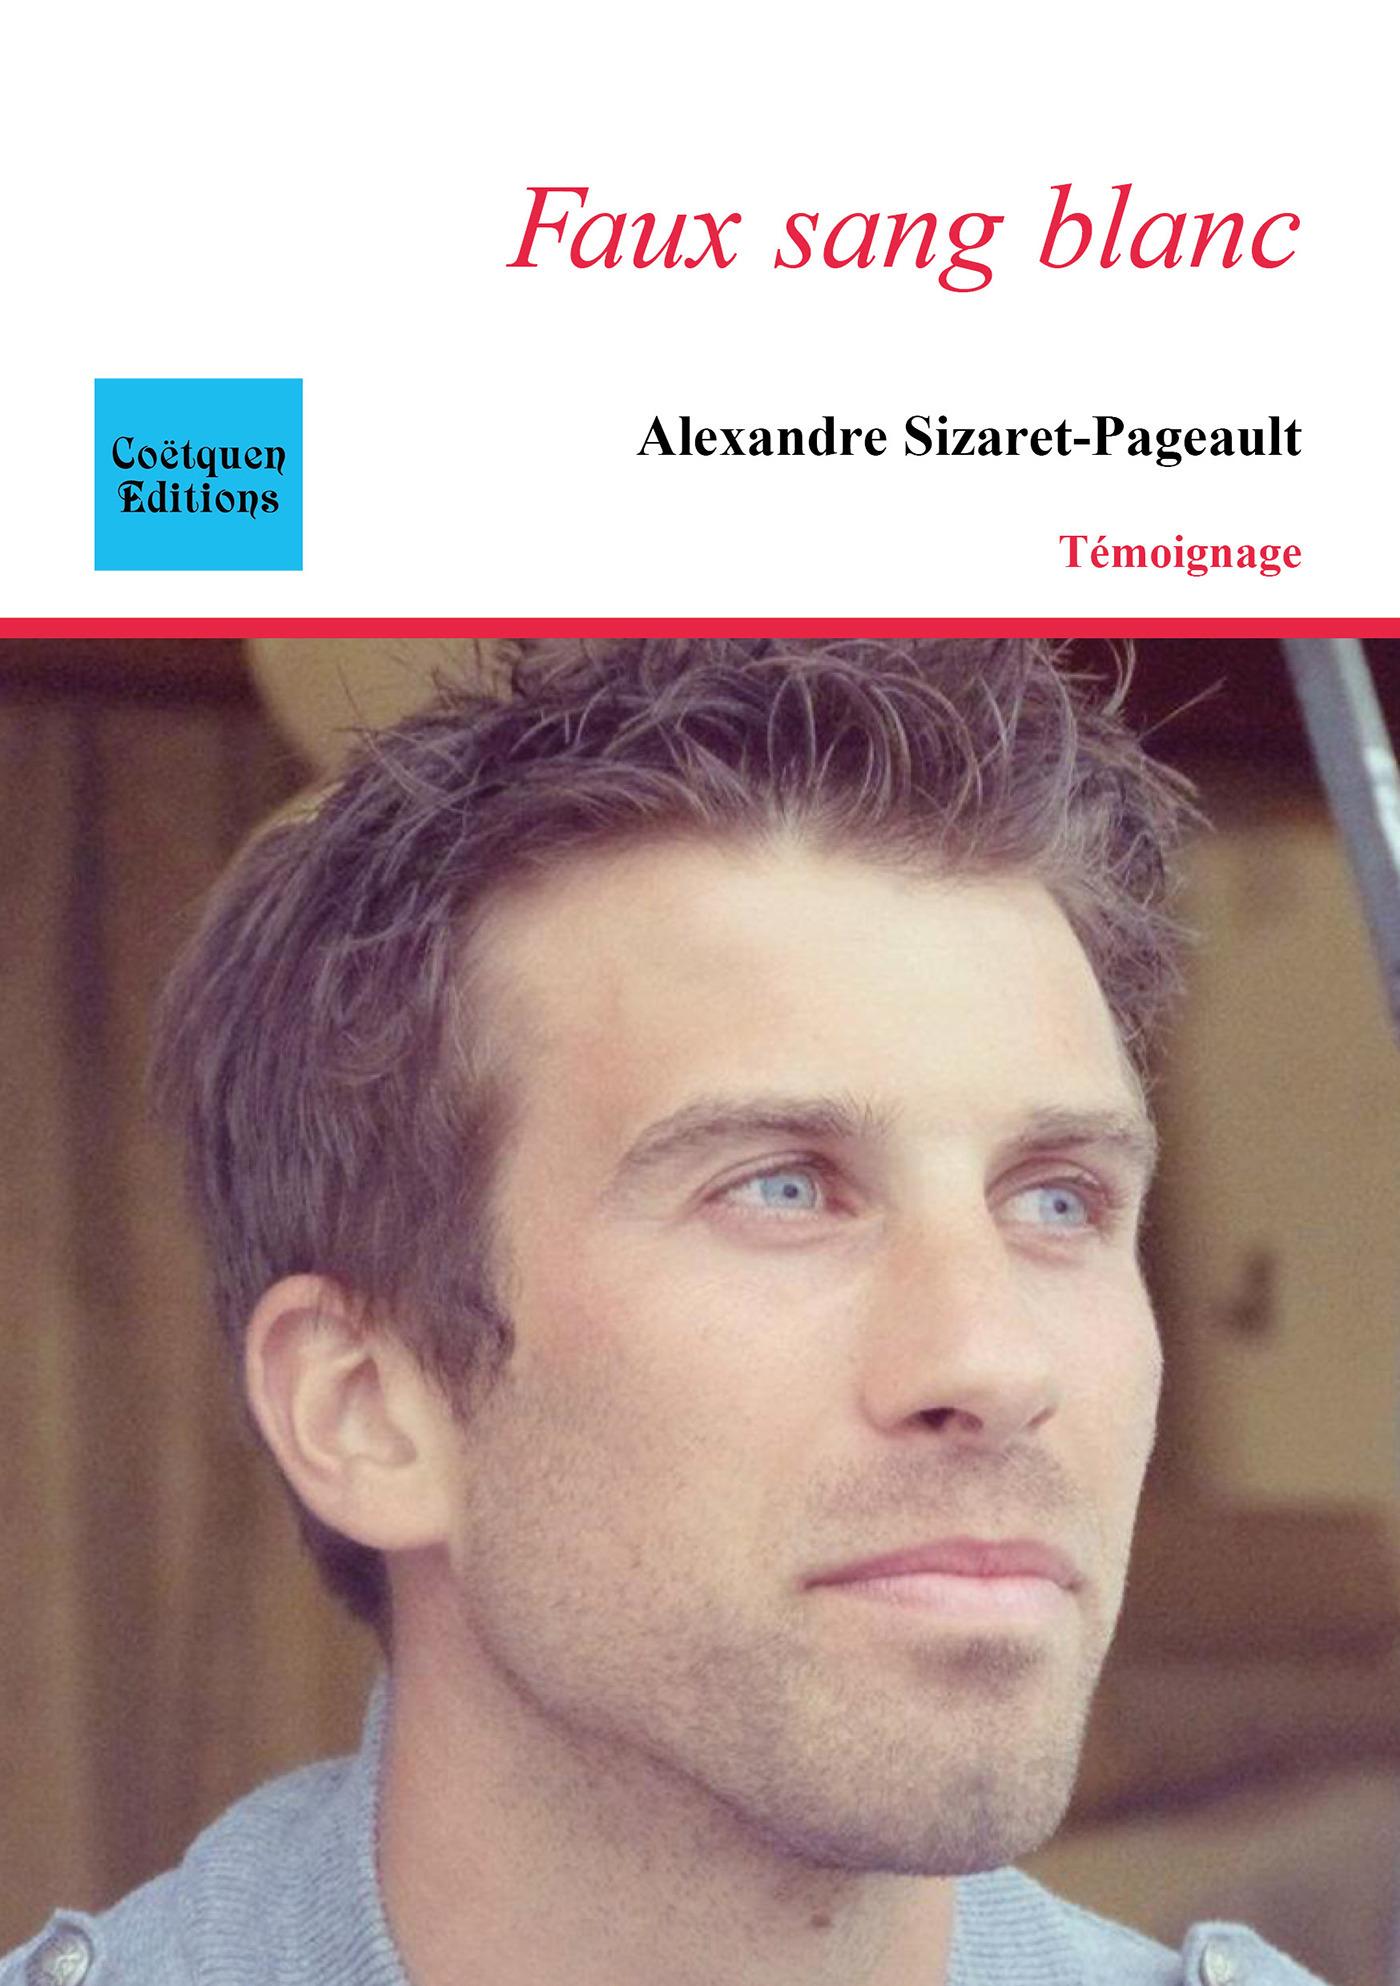 Alexandre Sizaret-Pageault Faux sang blanc